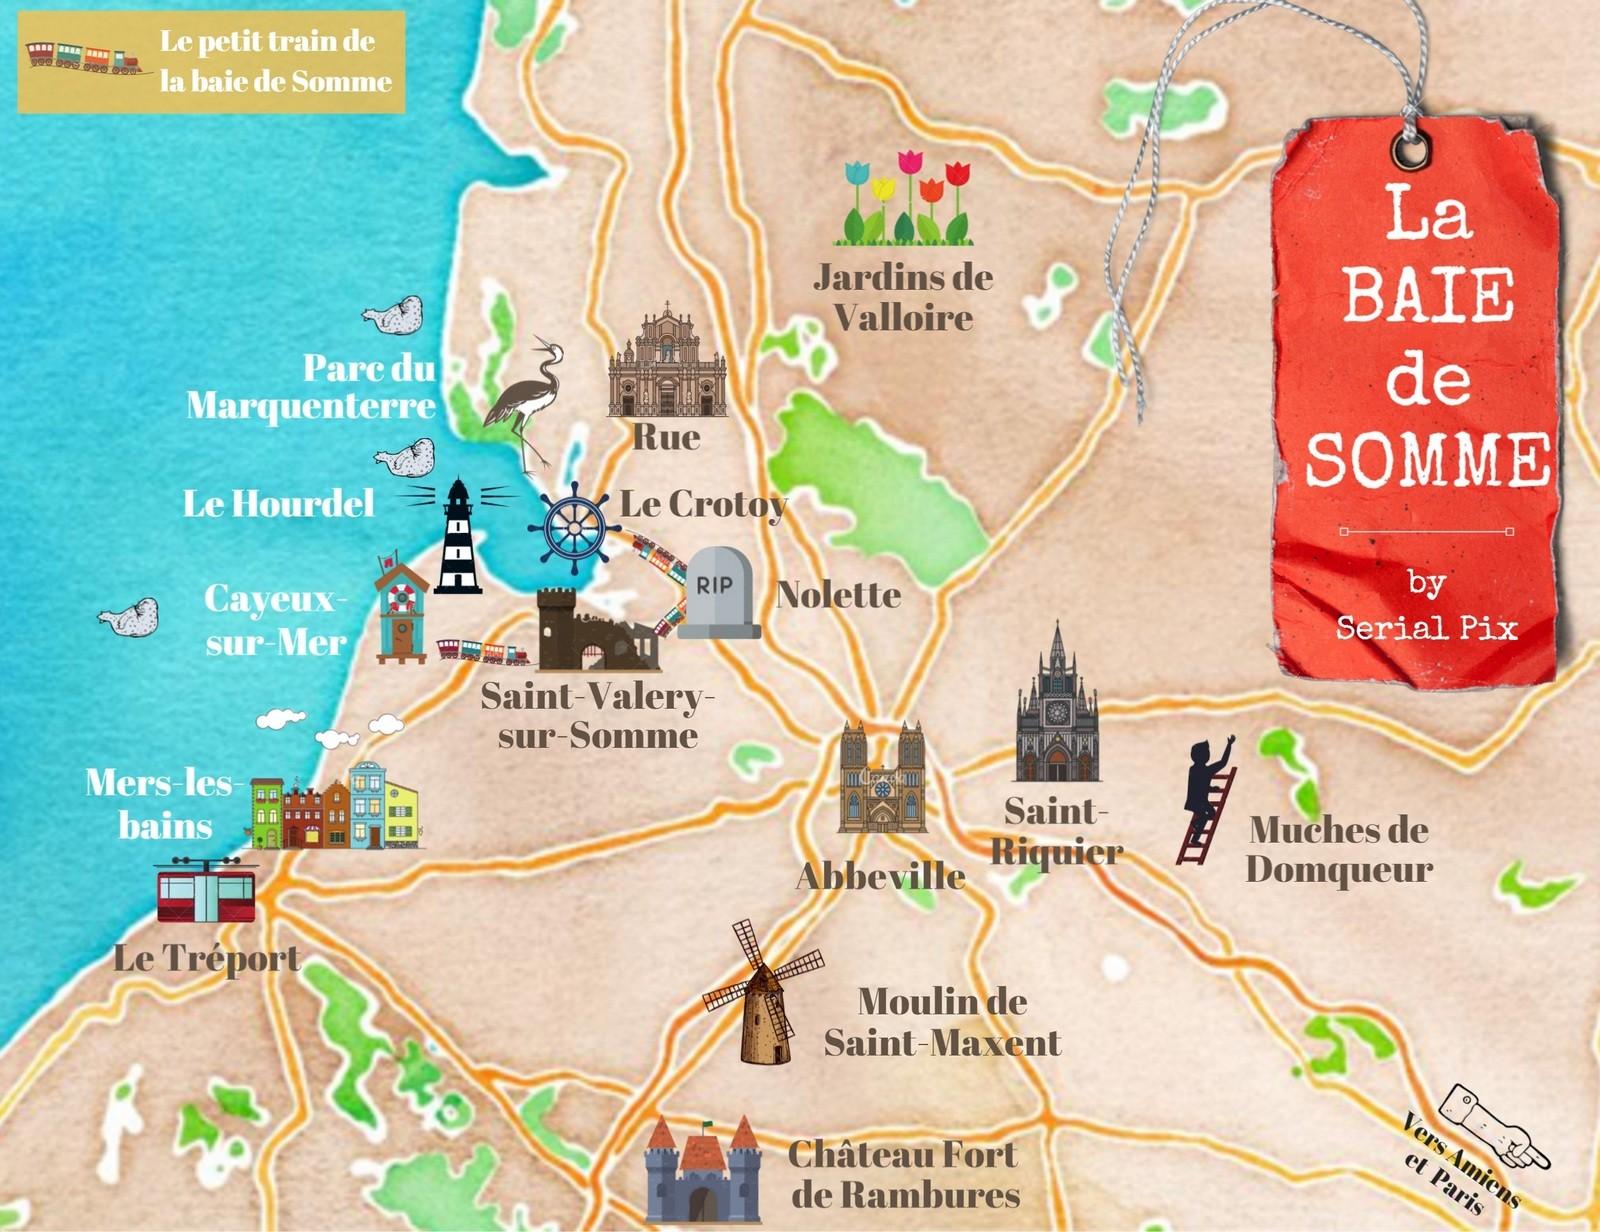 Extraordinaire Que faire et que voir en Baie de Somme ? Guide complet et bons plans @HQ_34